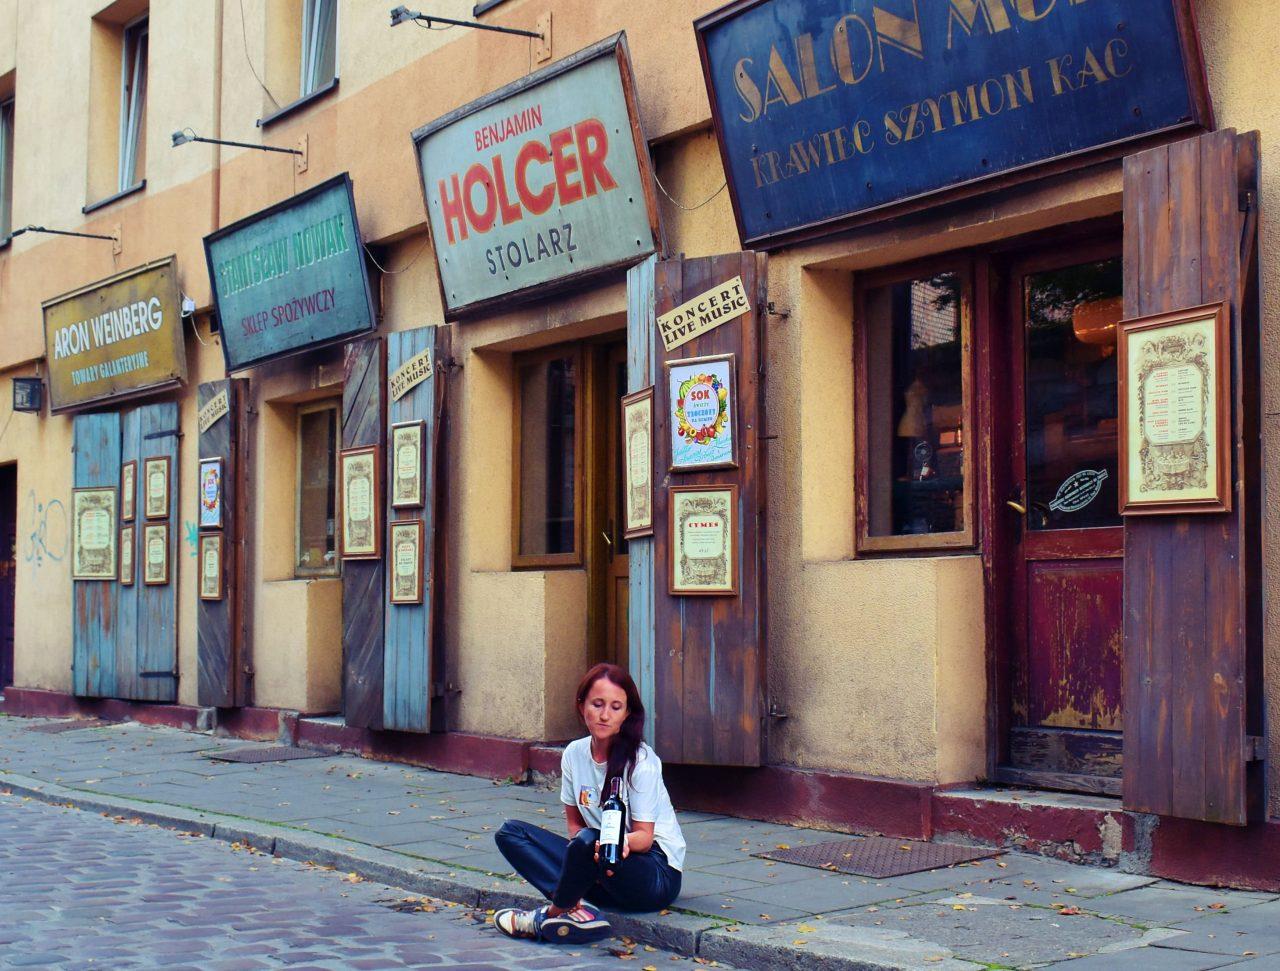 Spain, back to classics w Krakowie